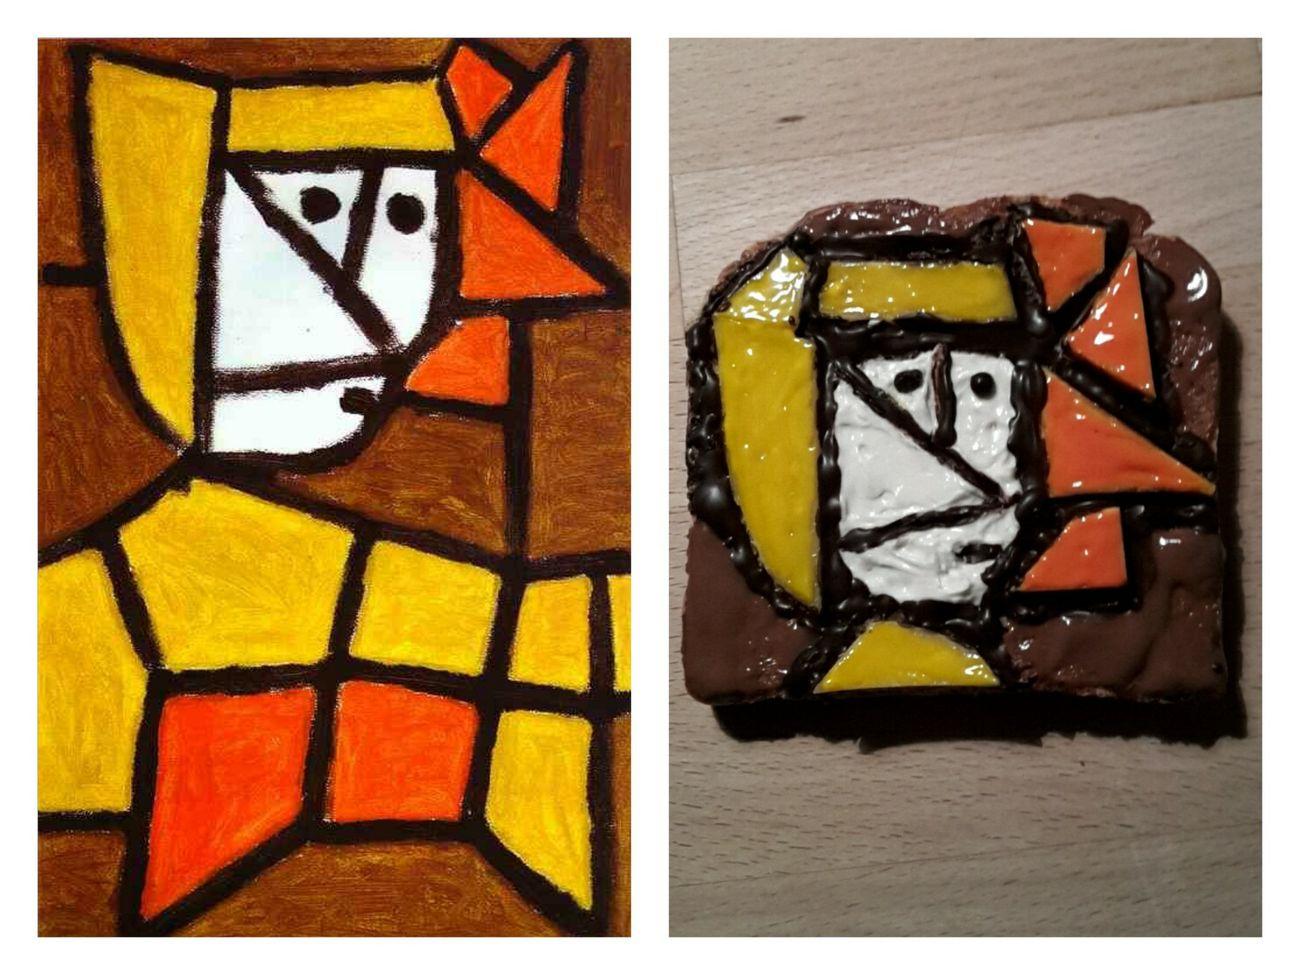 Paul Klee Frau In Tracht Art On A Toast Selfmade :)